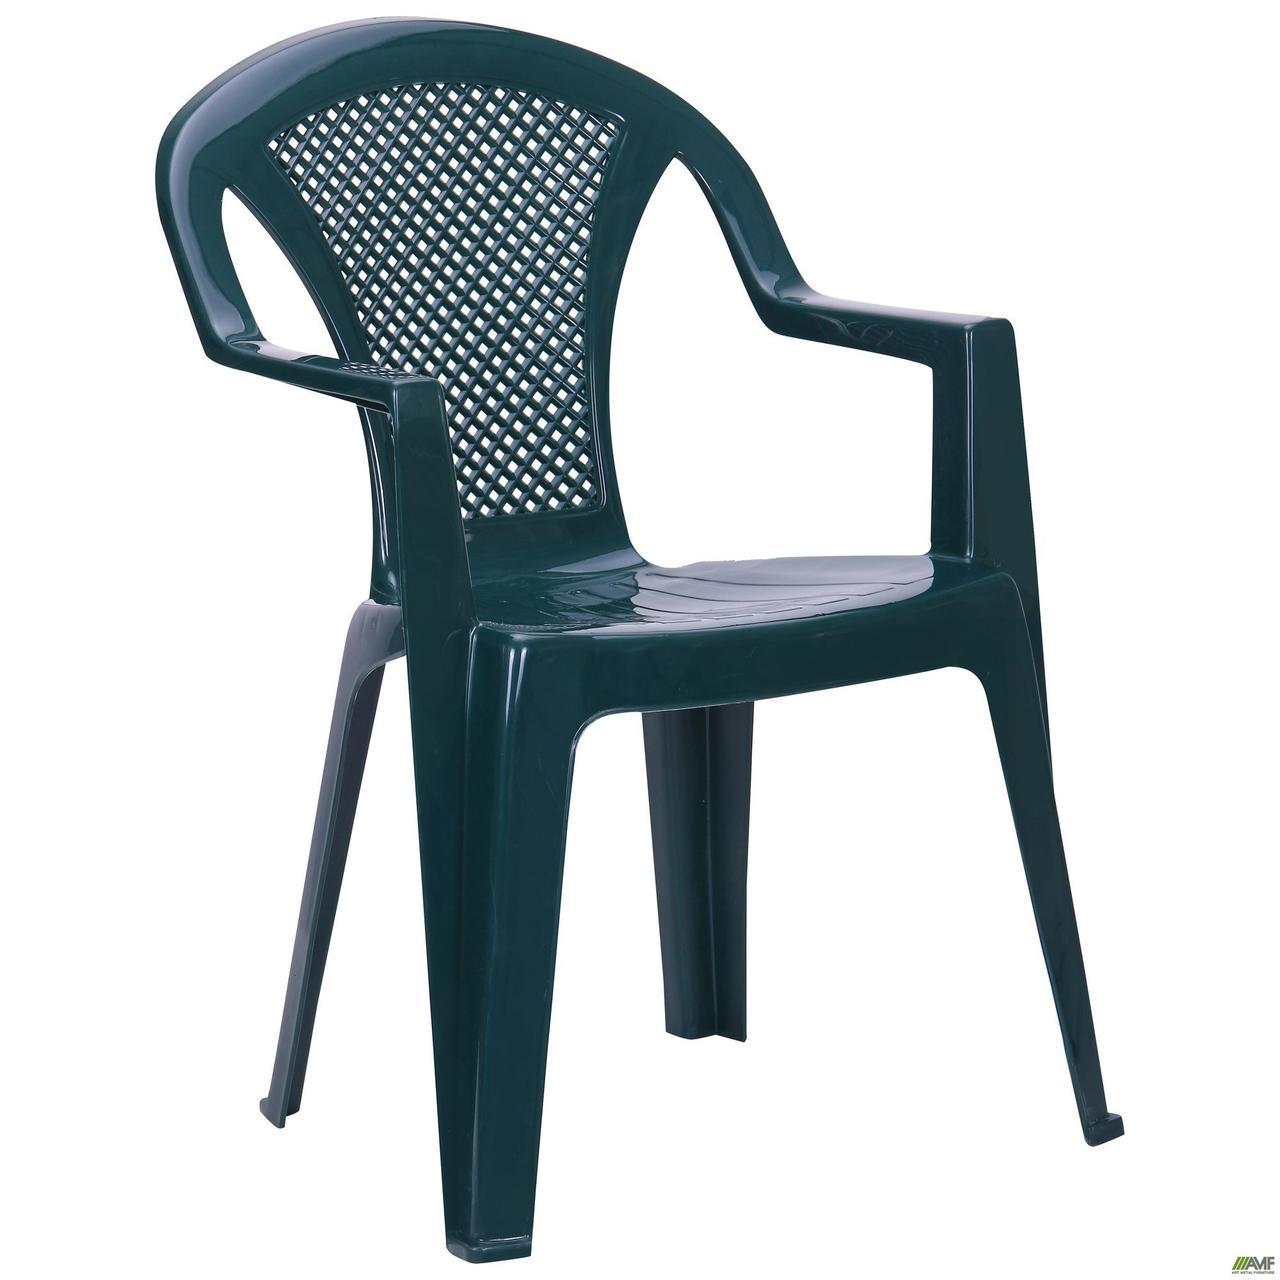 Вуличний стілець AMF Ischia зелений пластик для саду на терасу в кафе